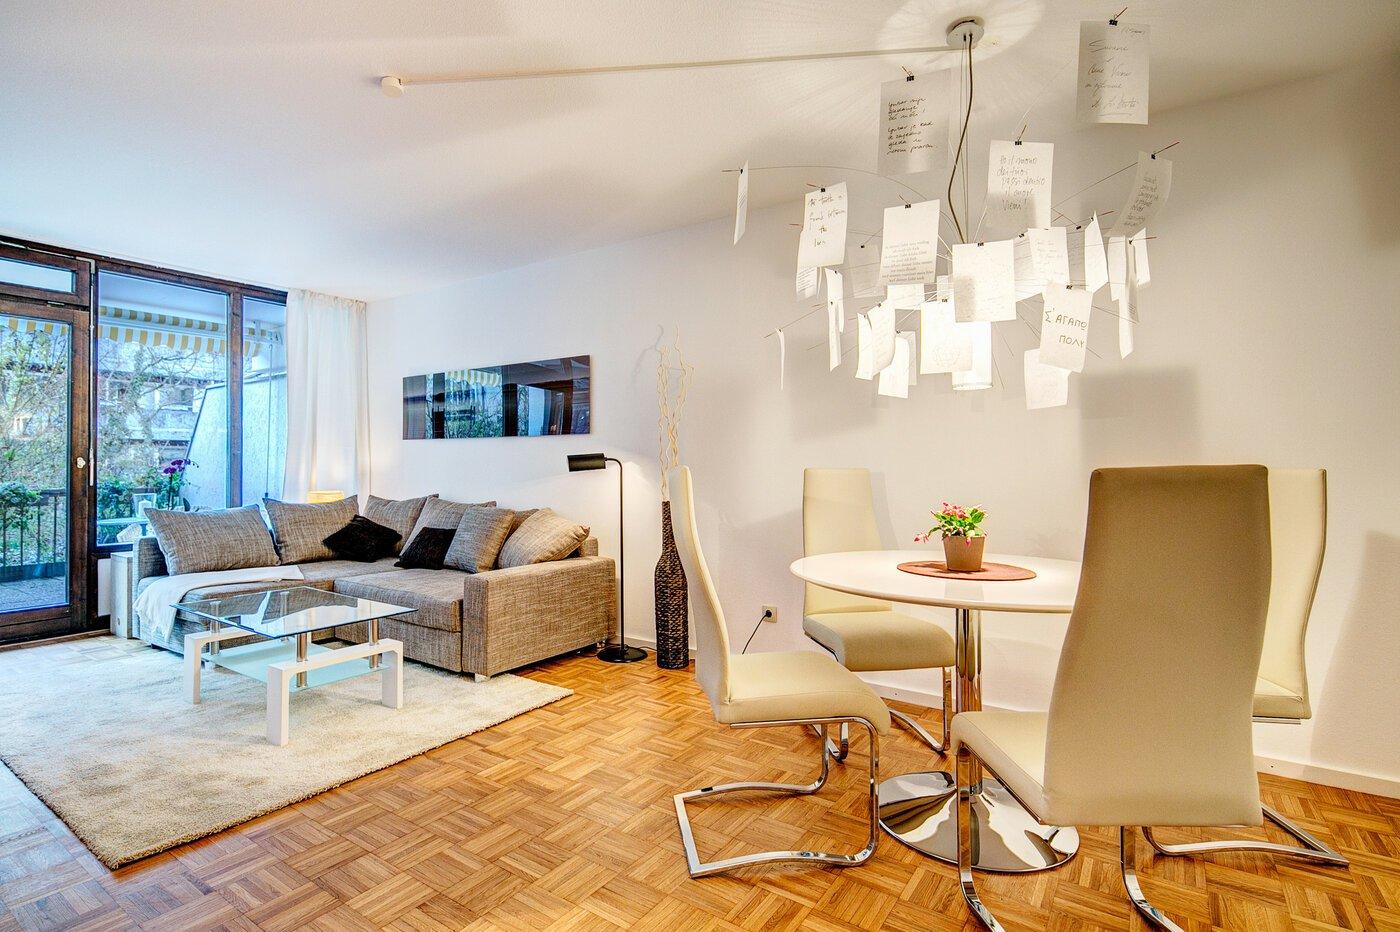 2 zimmer wohnung m bliert parkettboden m nchen schwabing 8286. Black Bedroom Furniture Sets. Home Design Ideas